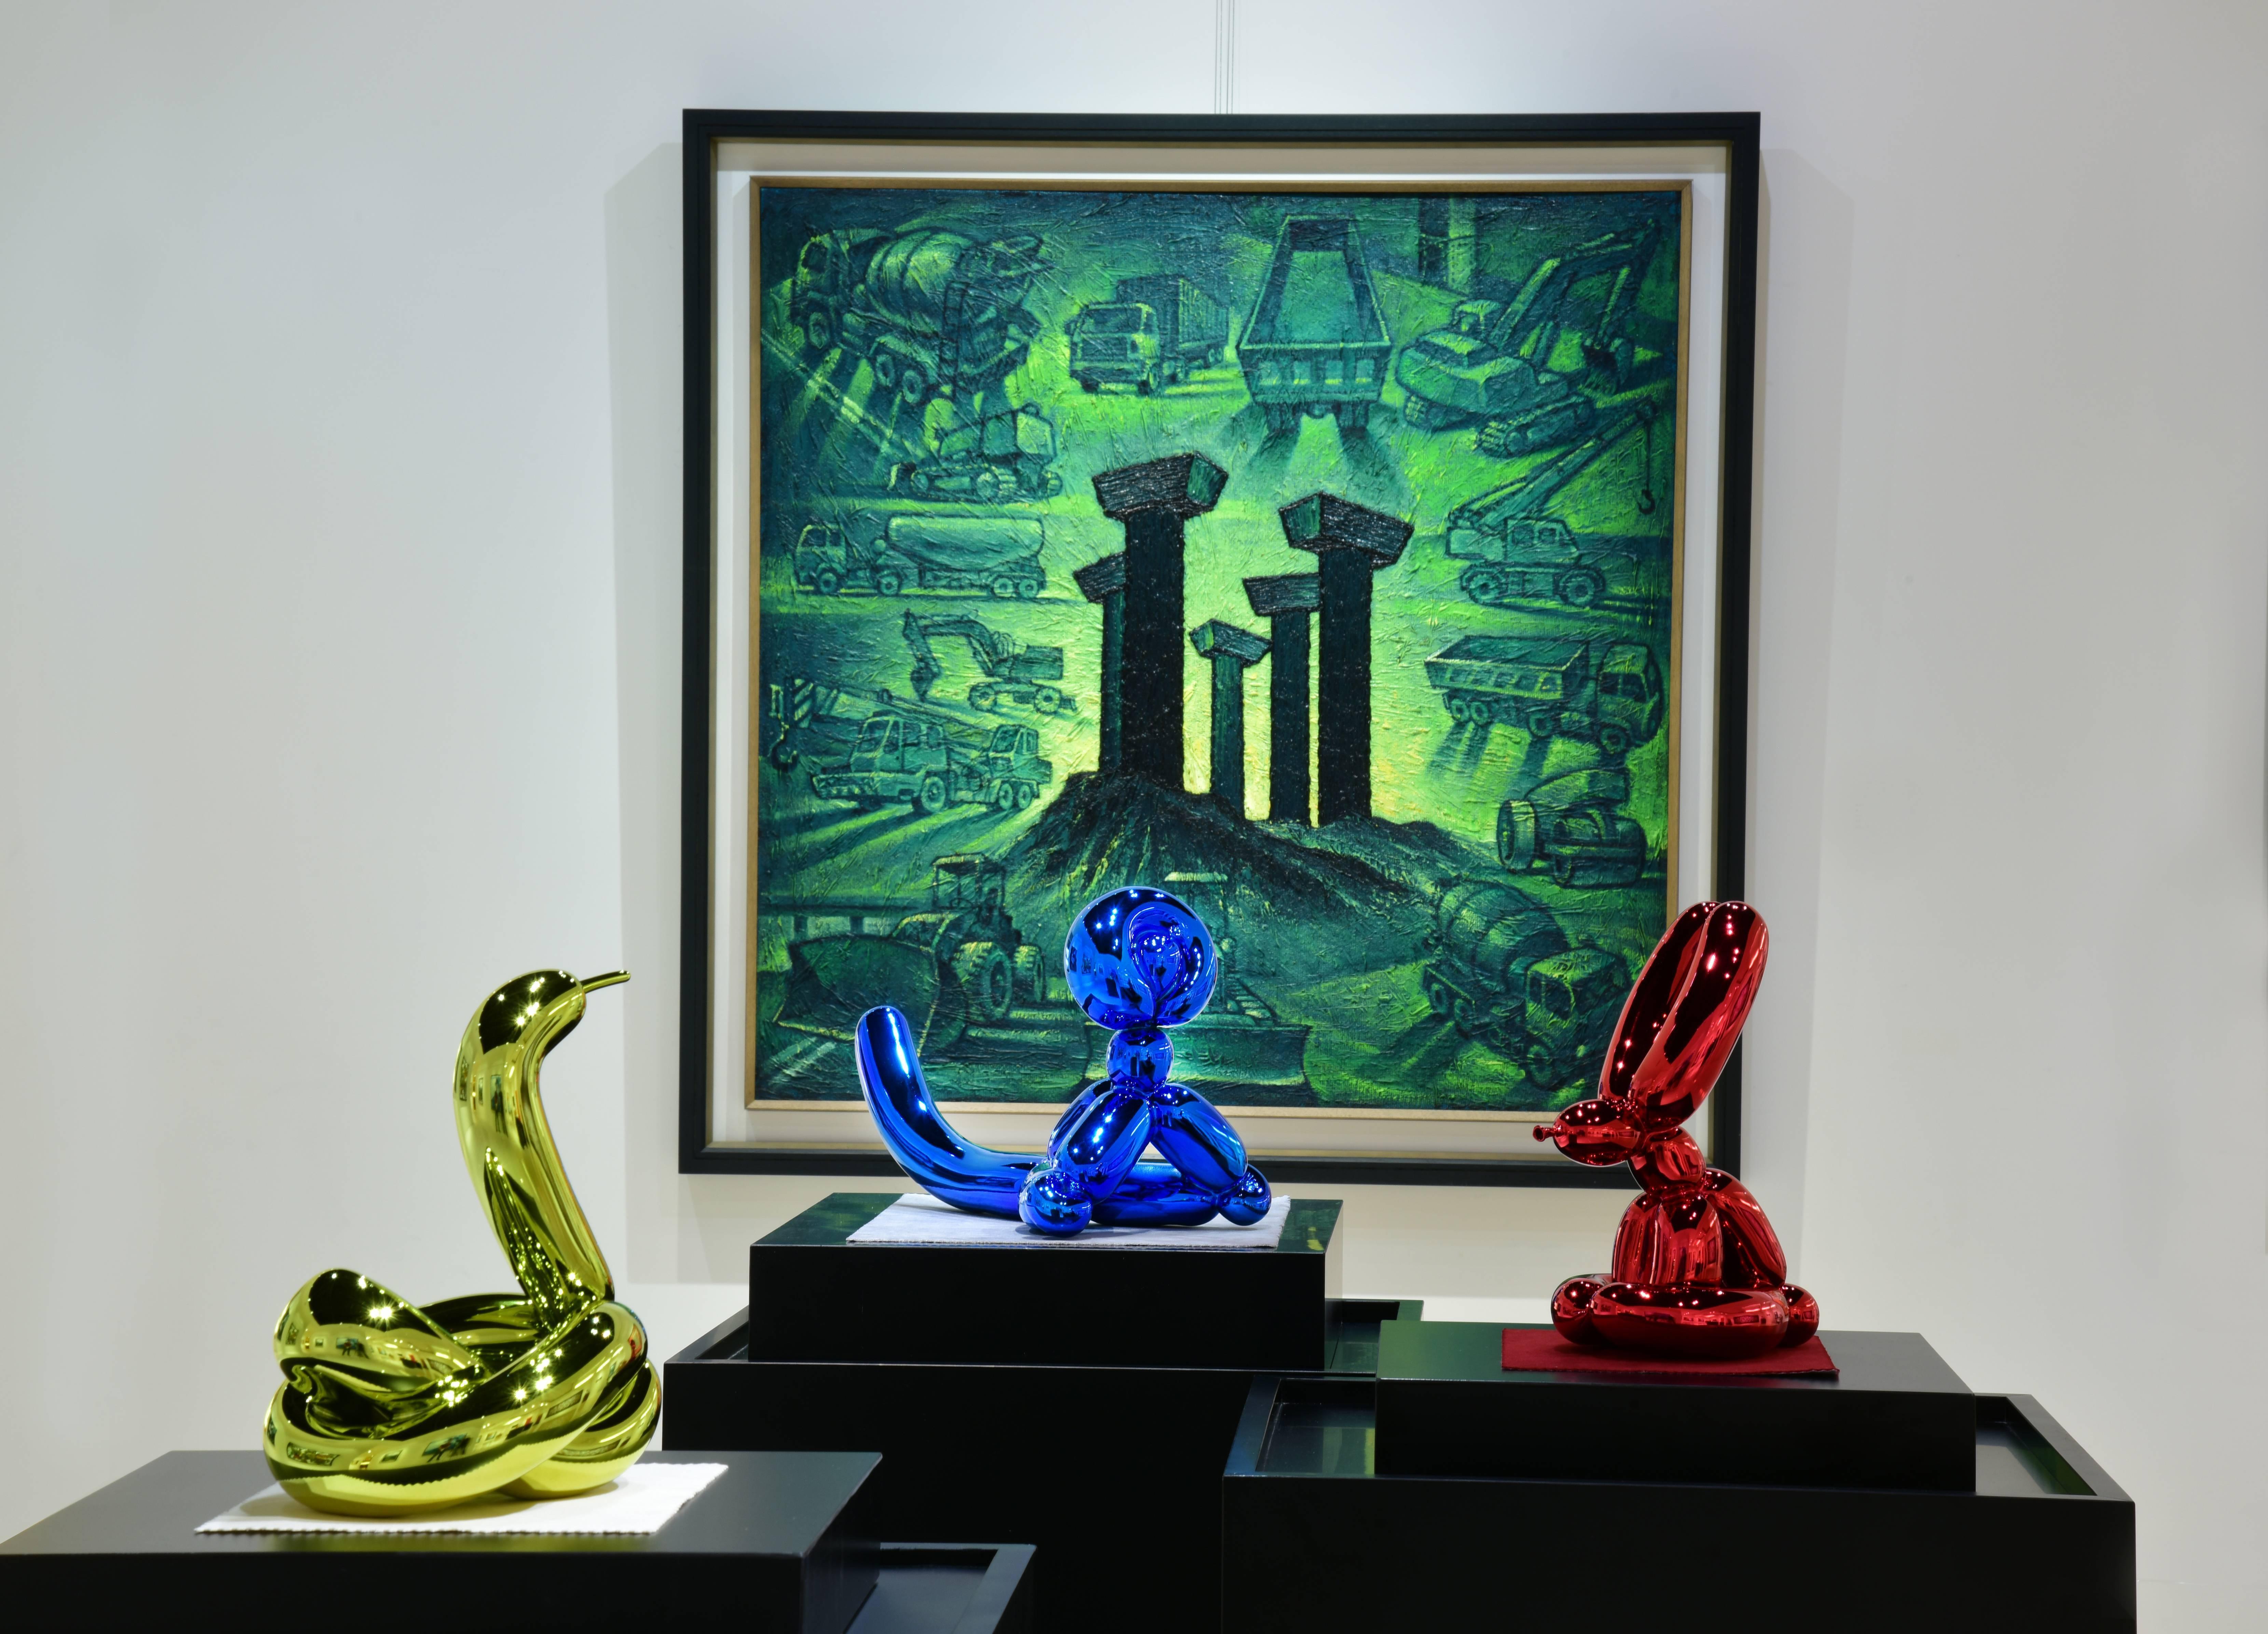 氣球動物系列展出於印象畫廊